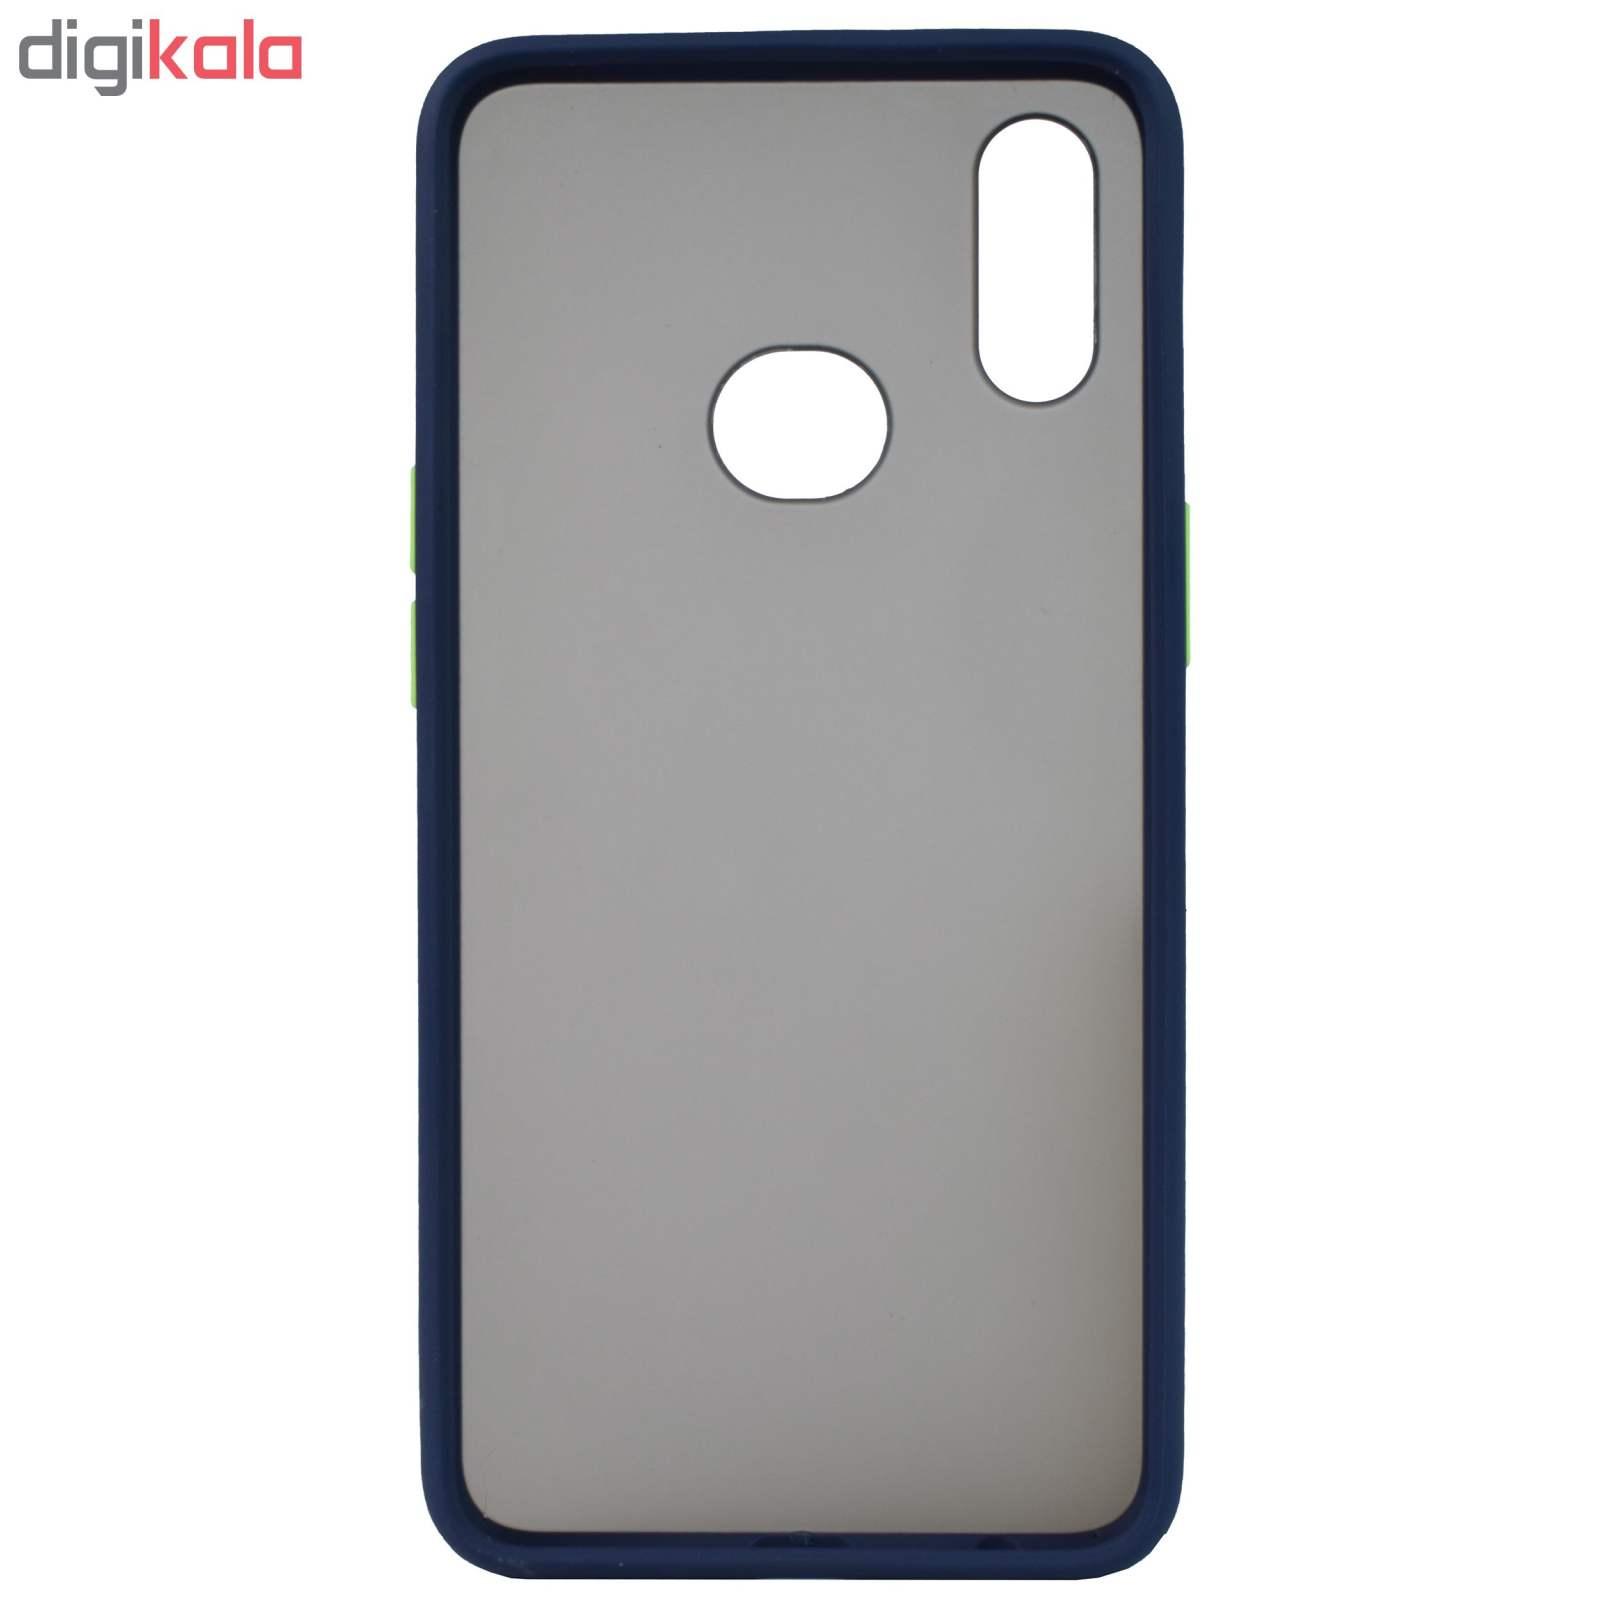 کاور مدل Slico01 مناسب برای گوشی موبایل سامسونگ Galaxy A10S main 1 13